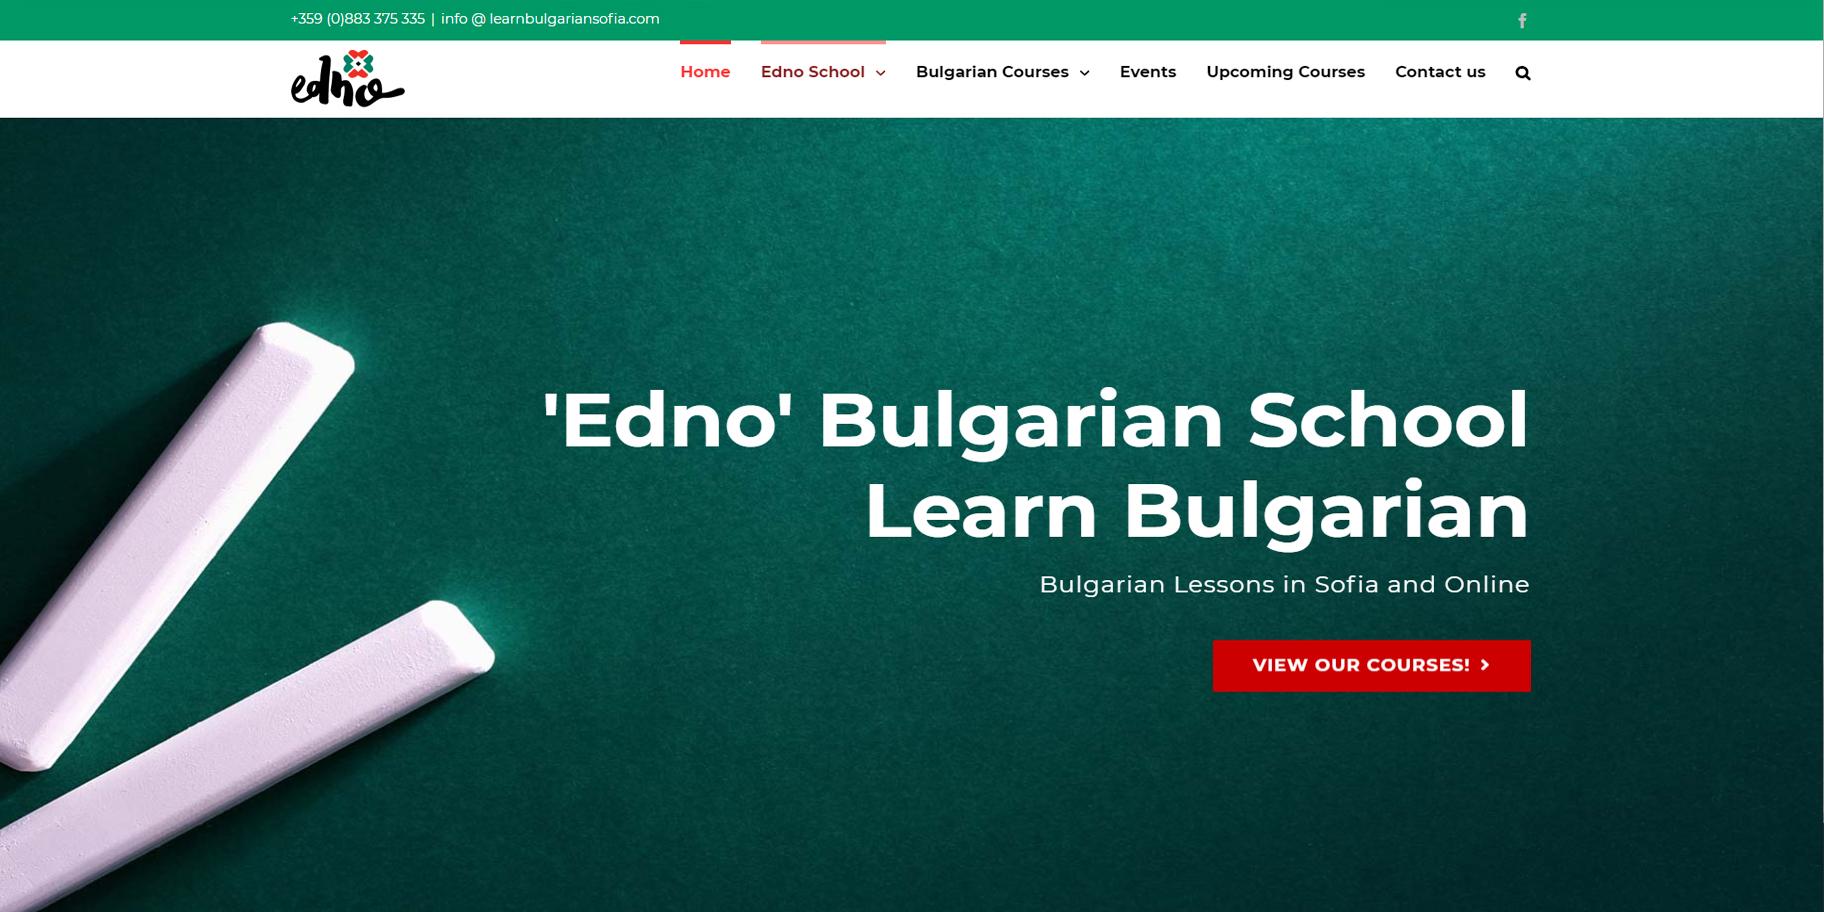 Κατασκευή ιστοσελίδας φροντιστηρίου Βουλγαρικών - SEO - Google Ads